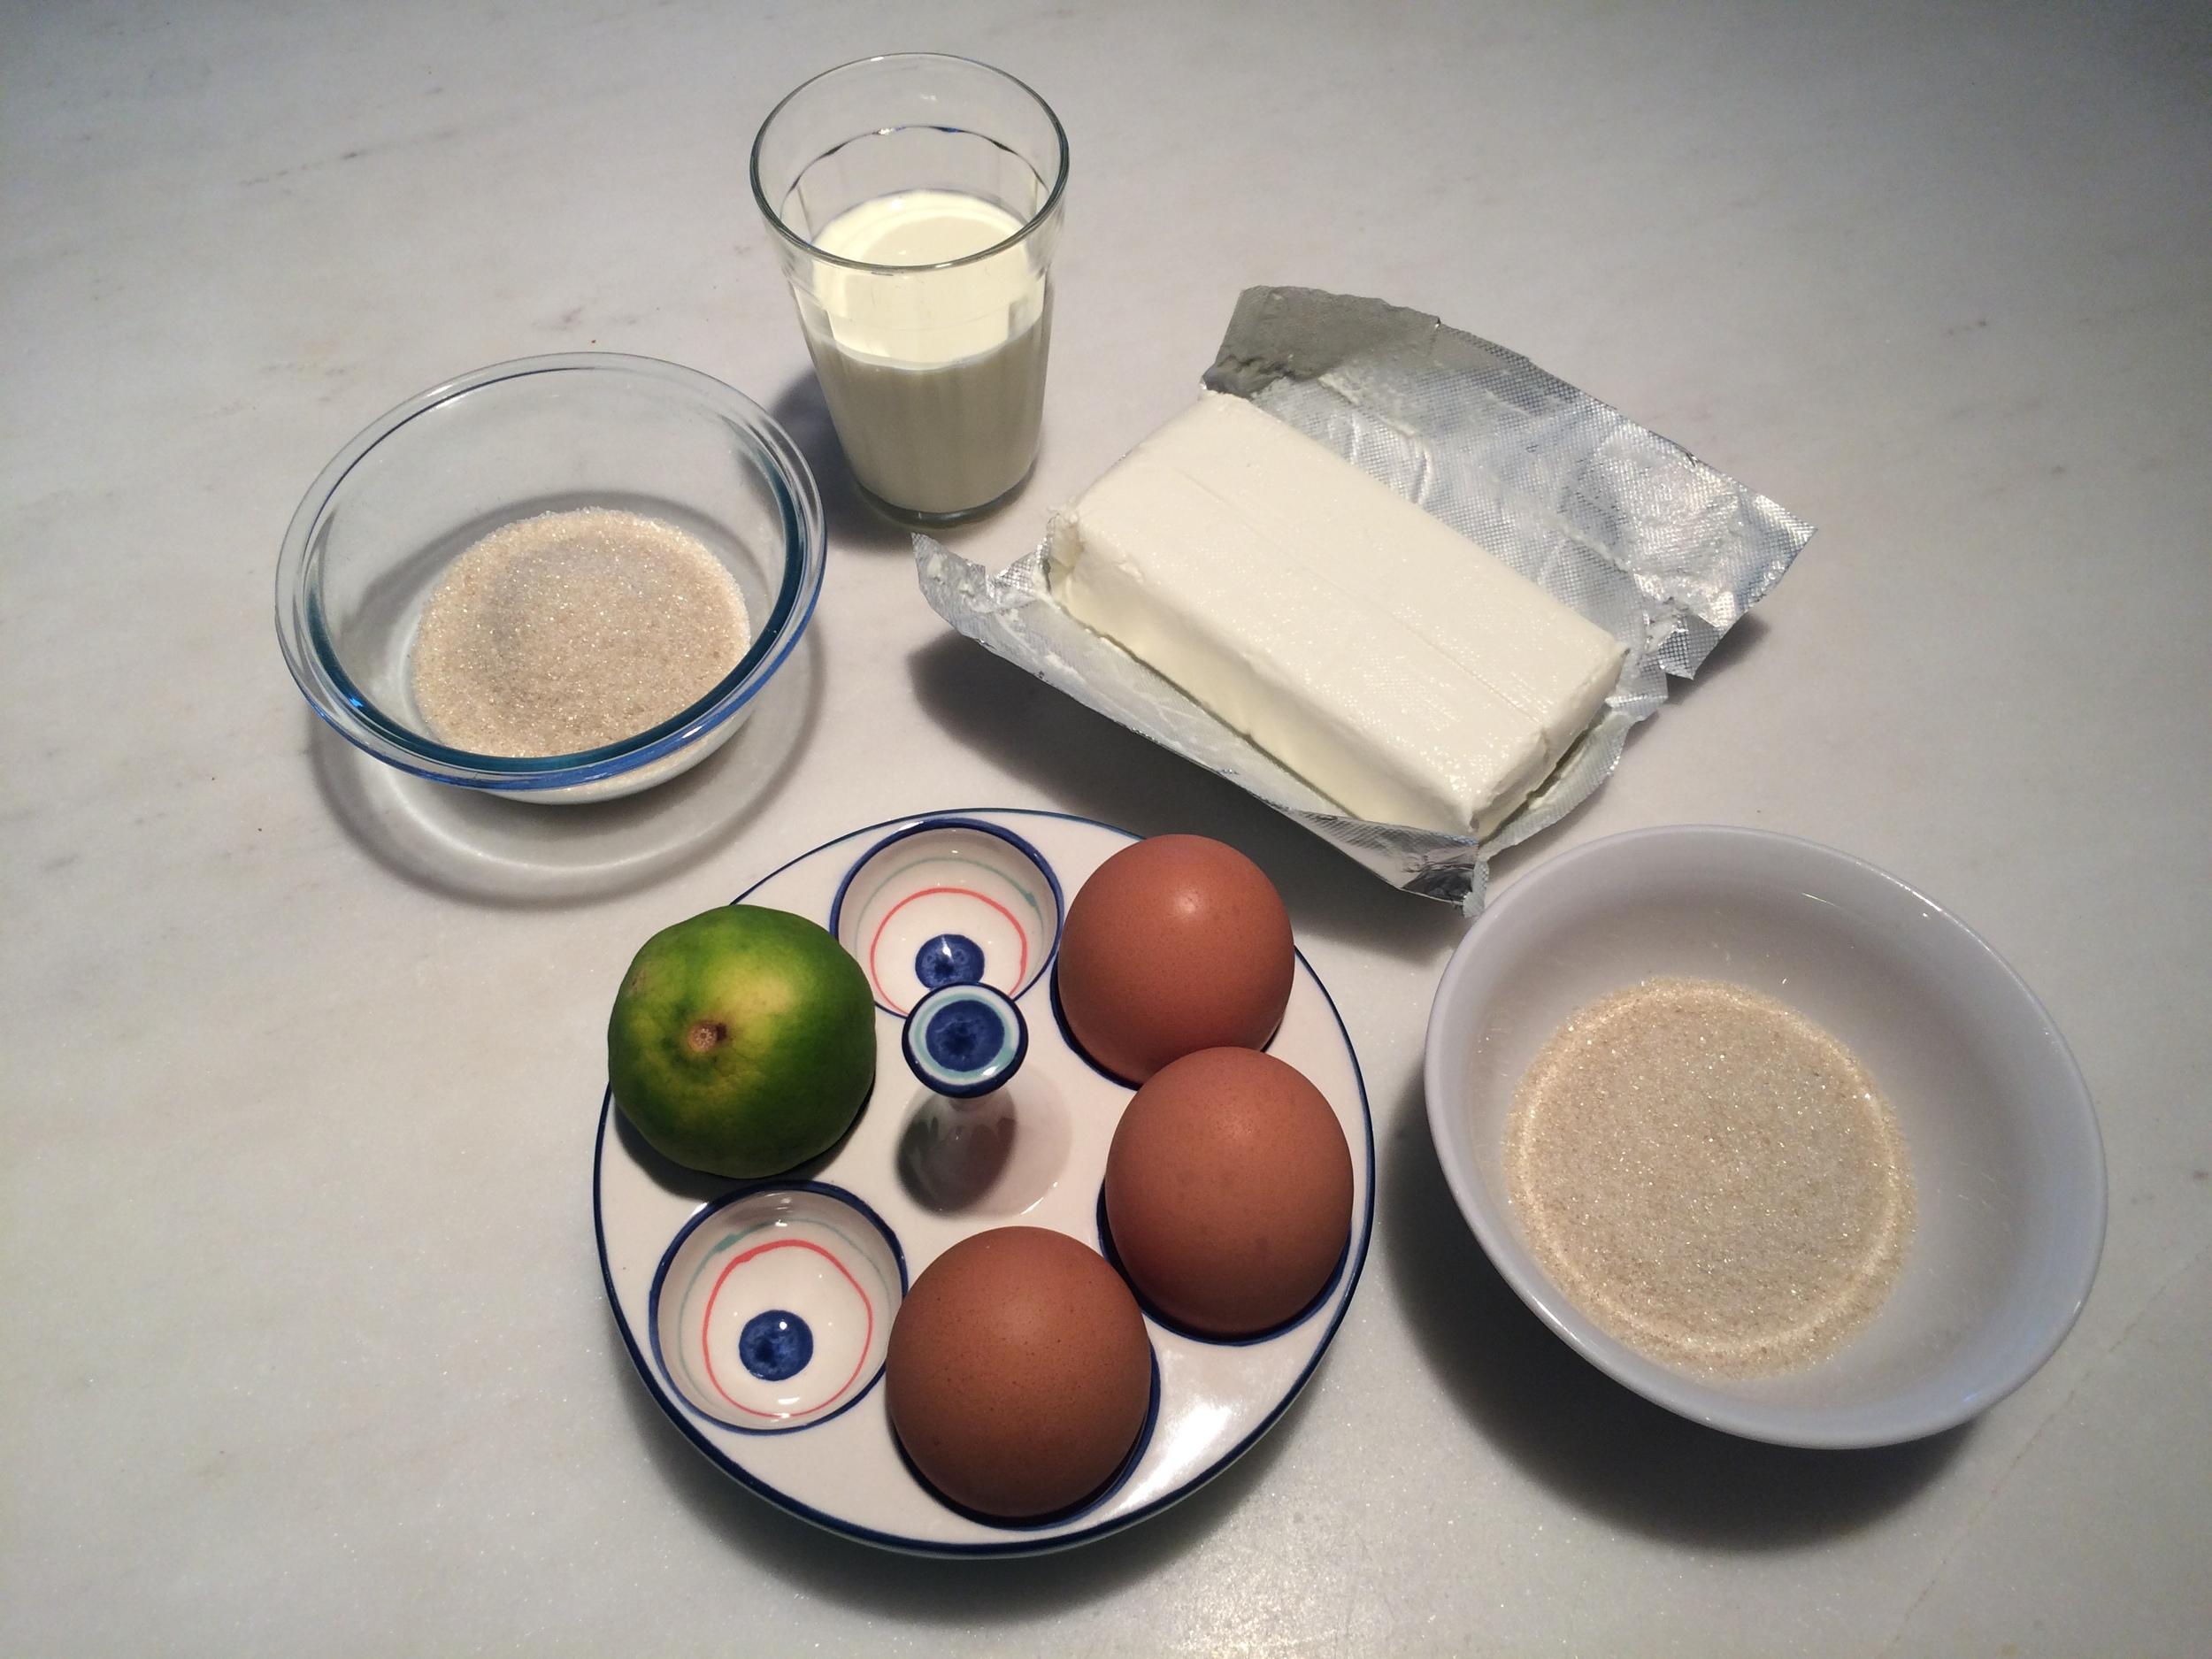 Ingredientes:  226g de cream cheese  50g de açúcar refinado (1)  1 limão (suco e raspas)  3 claras  50g de açúcar refinado (2)  100ml de creme de leite fresco  125g de goiabada cascão  125ml de água  100g de queijo parmesão ralado   Modo de preparo: